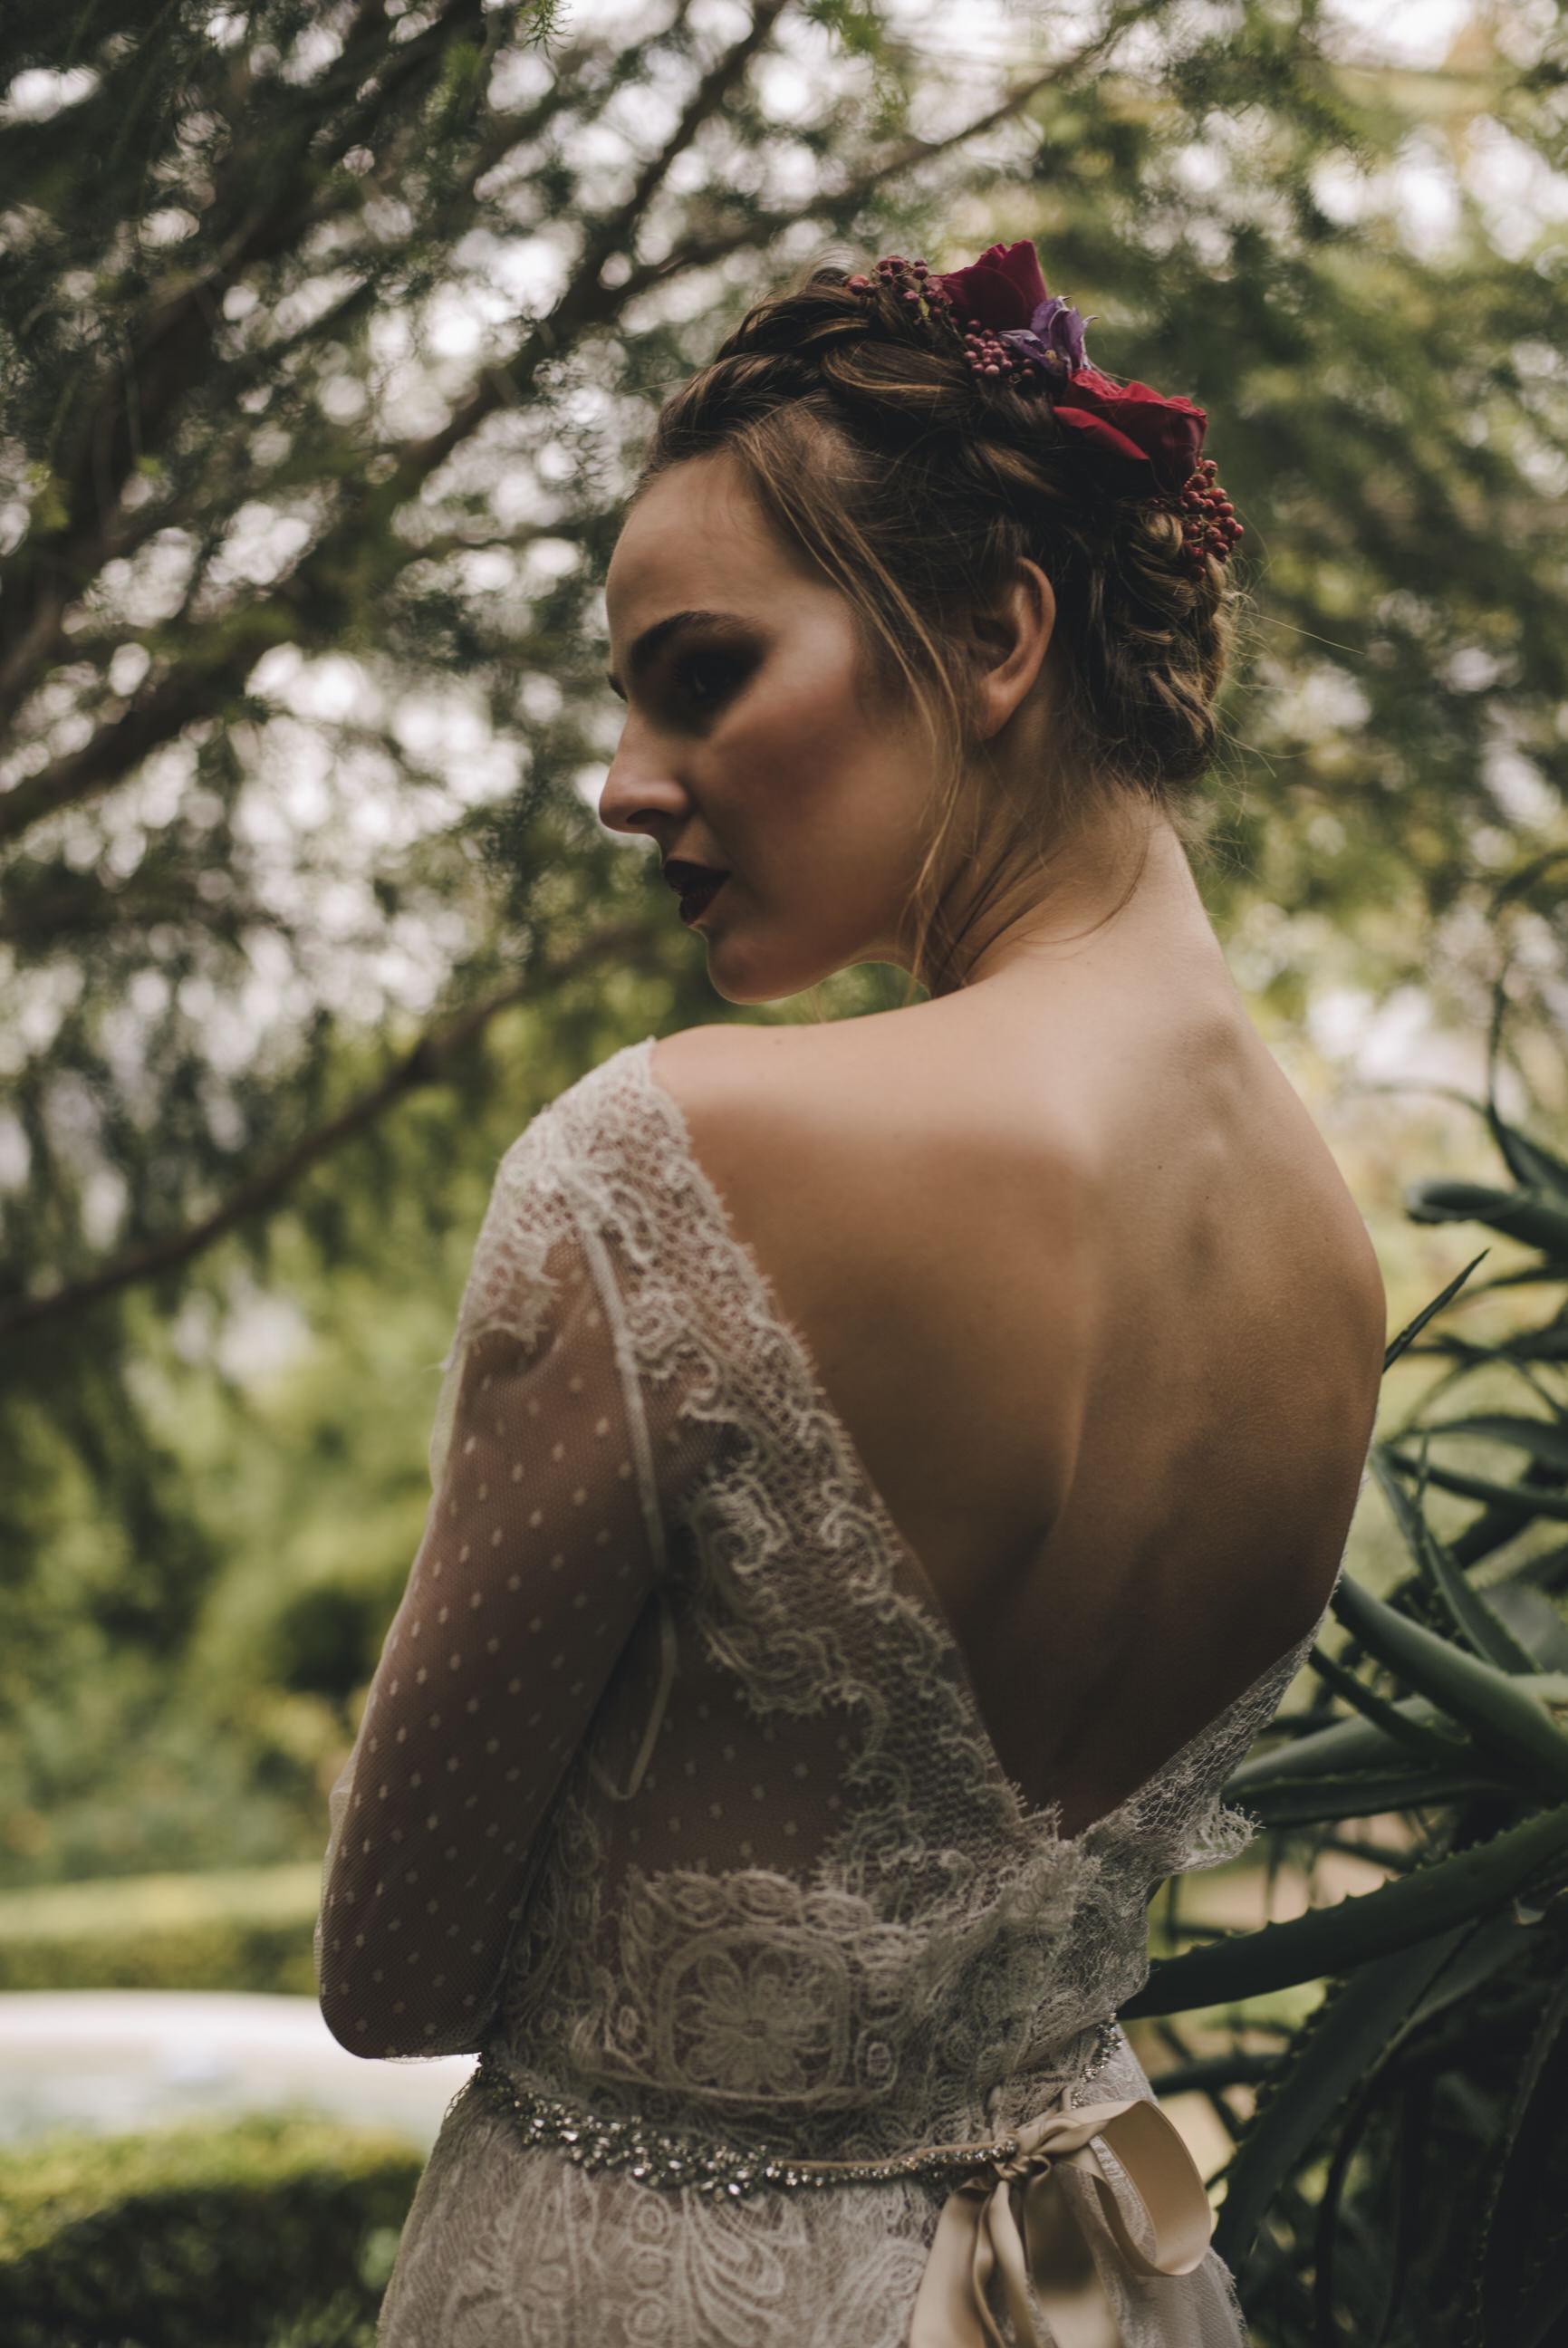 bride's portrait among green plants